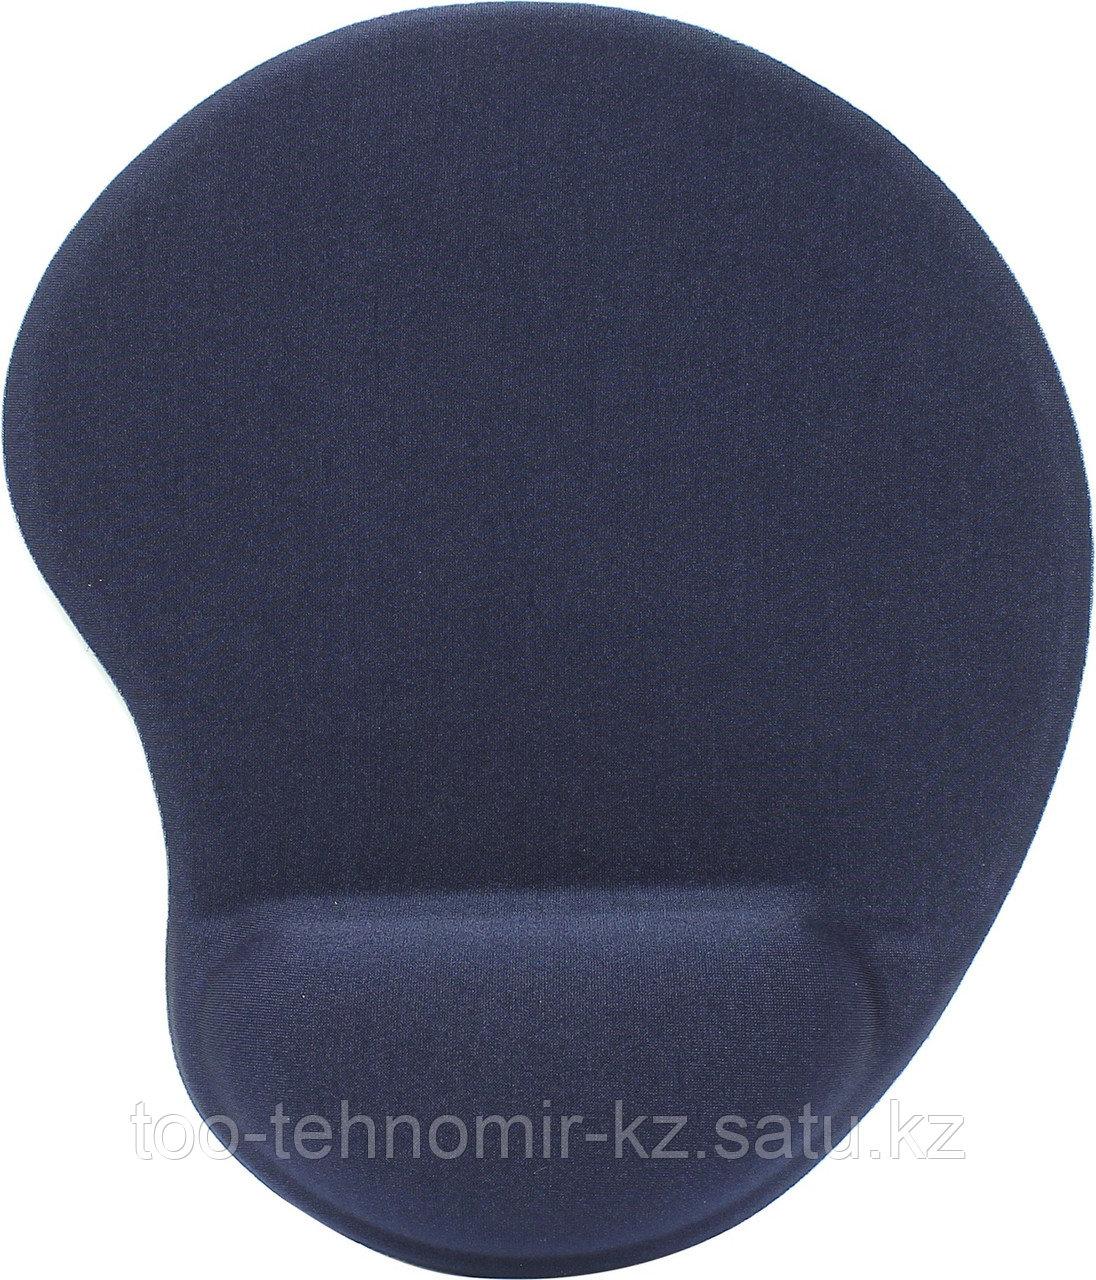 Коврик для мыши с подушкой под запястье MTX-0018